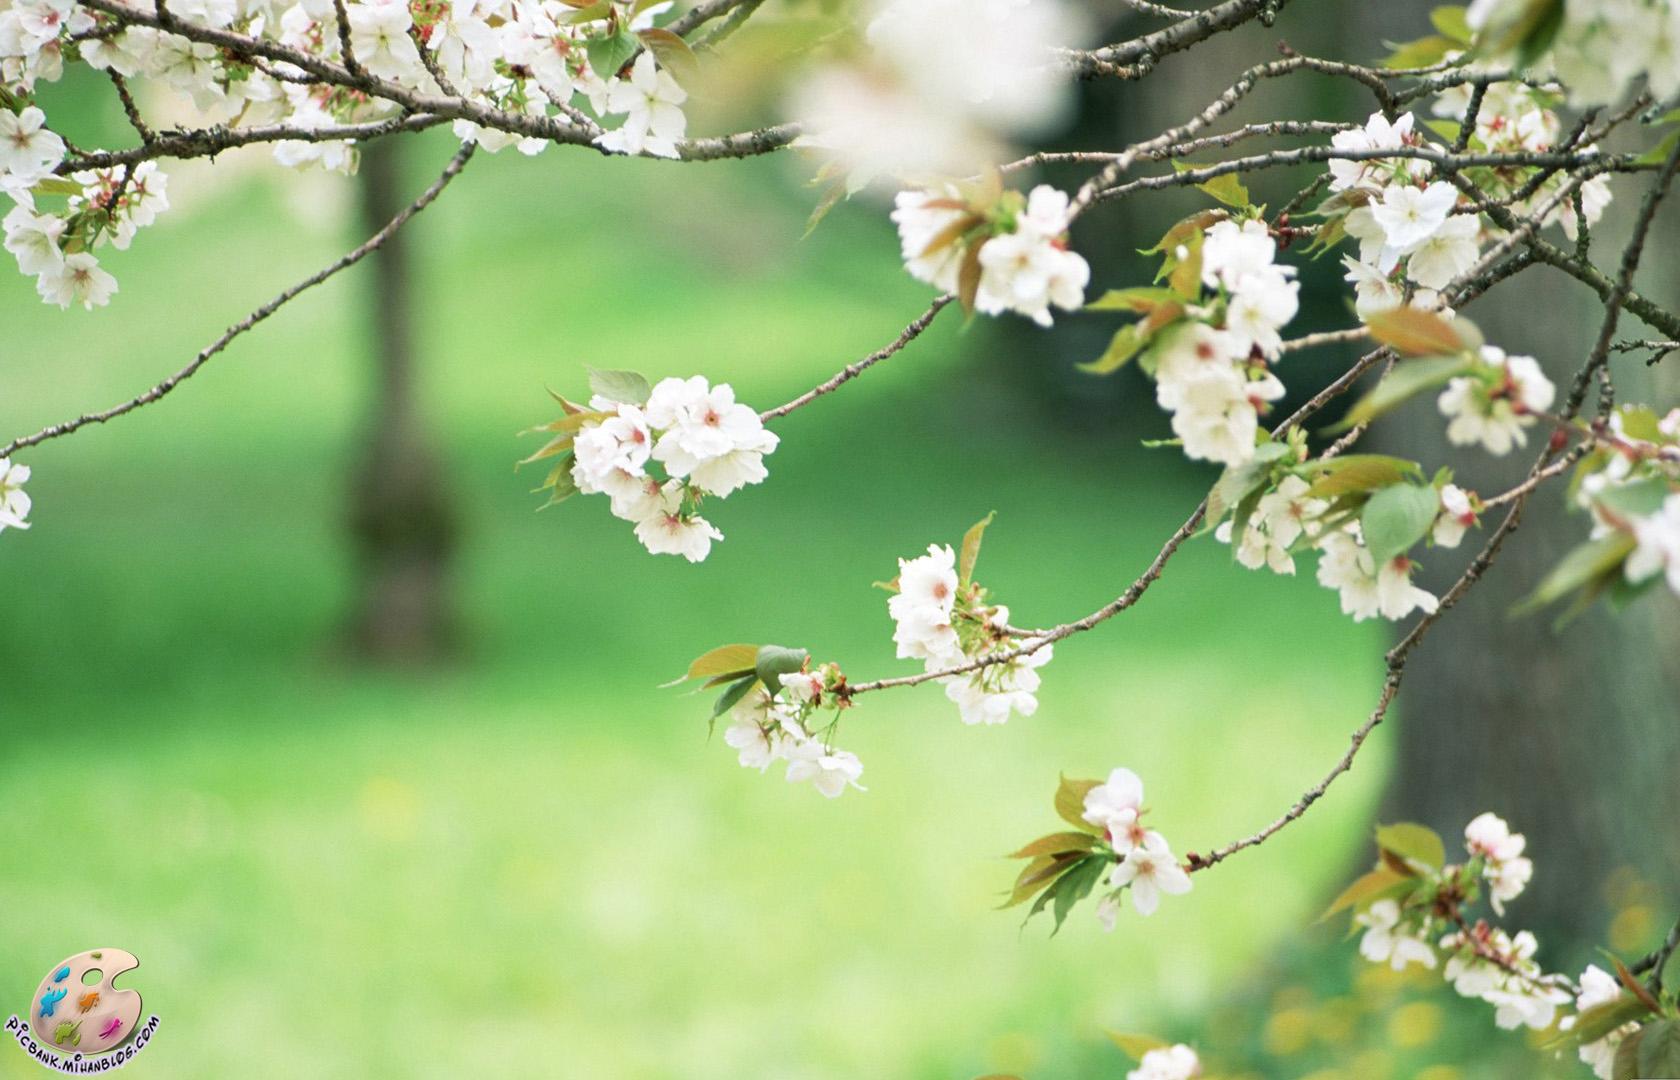 عکس ، عکس زیبا ، عکسهای زیبا ، والپیپر ، والپیپر زیبا ، والپیپرهای زیبا ، گل ، عکس گل ، عکسهای گل ، والپیپر گل ، والپیپرهای گل ، شکوفه ، عکس شکوفه ، عکسهای شکوفه ، عکس شکوفه ها ، عکسهای شکوفه ها ، والپیپر شکوفه ، والپیپر شکوفه ها ، والپیپرهای شکوفه ها ، والپیپر شکوفه ها ، شکوفه بهاری ، شکوفه های بهاری ، بهار ، باهار ، بهاری ، هوای بهاری ، منظره بهار ، منظره بهاری ، مناظر ، منظره ، مناظر بهار ، مناظر بهاری ، طبیعت ، بهار طبیعت ، شکوفایی طبیعت ، منظره طبیعت ، مناظر طبیعت ، منظره طبیعی ، مناظر طبیعی ، عکس طبیعت ، عکسهای طبیعت ، والپیپر طبیعت ، والپیپر بهار ، طبیعت بهار ، مناظر طبیعی ، عکس منظره طبیعت ، طبیعت بهار ، مدل ، مدل نقاشی ، مدل نقاشی گل ، مدل نقاشی شکوفه ، شاخه درخت ، پرشکوفه ، پر شکوفه ، شاخه پرشکوفه ، درخت پرشکوفه ، مدل نقاشی طبیعت ، مدل نقاشی منظره ، مدل نقاشی منظره طبیعت ، مدل نقاشی مناظر ، مدل نقاشی مناظر طبیعت ، مدل نقاشی درخت ،